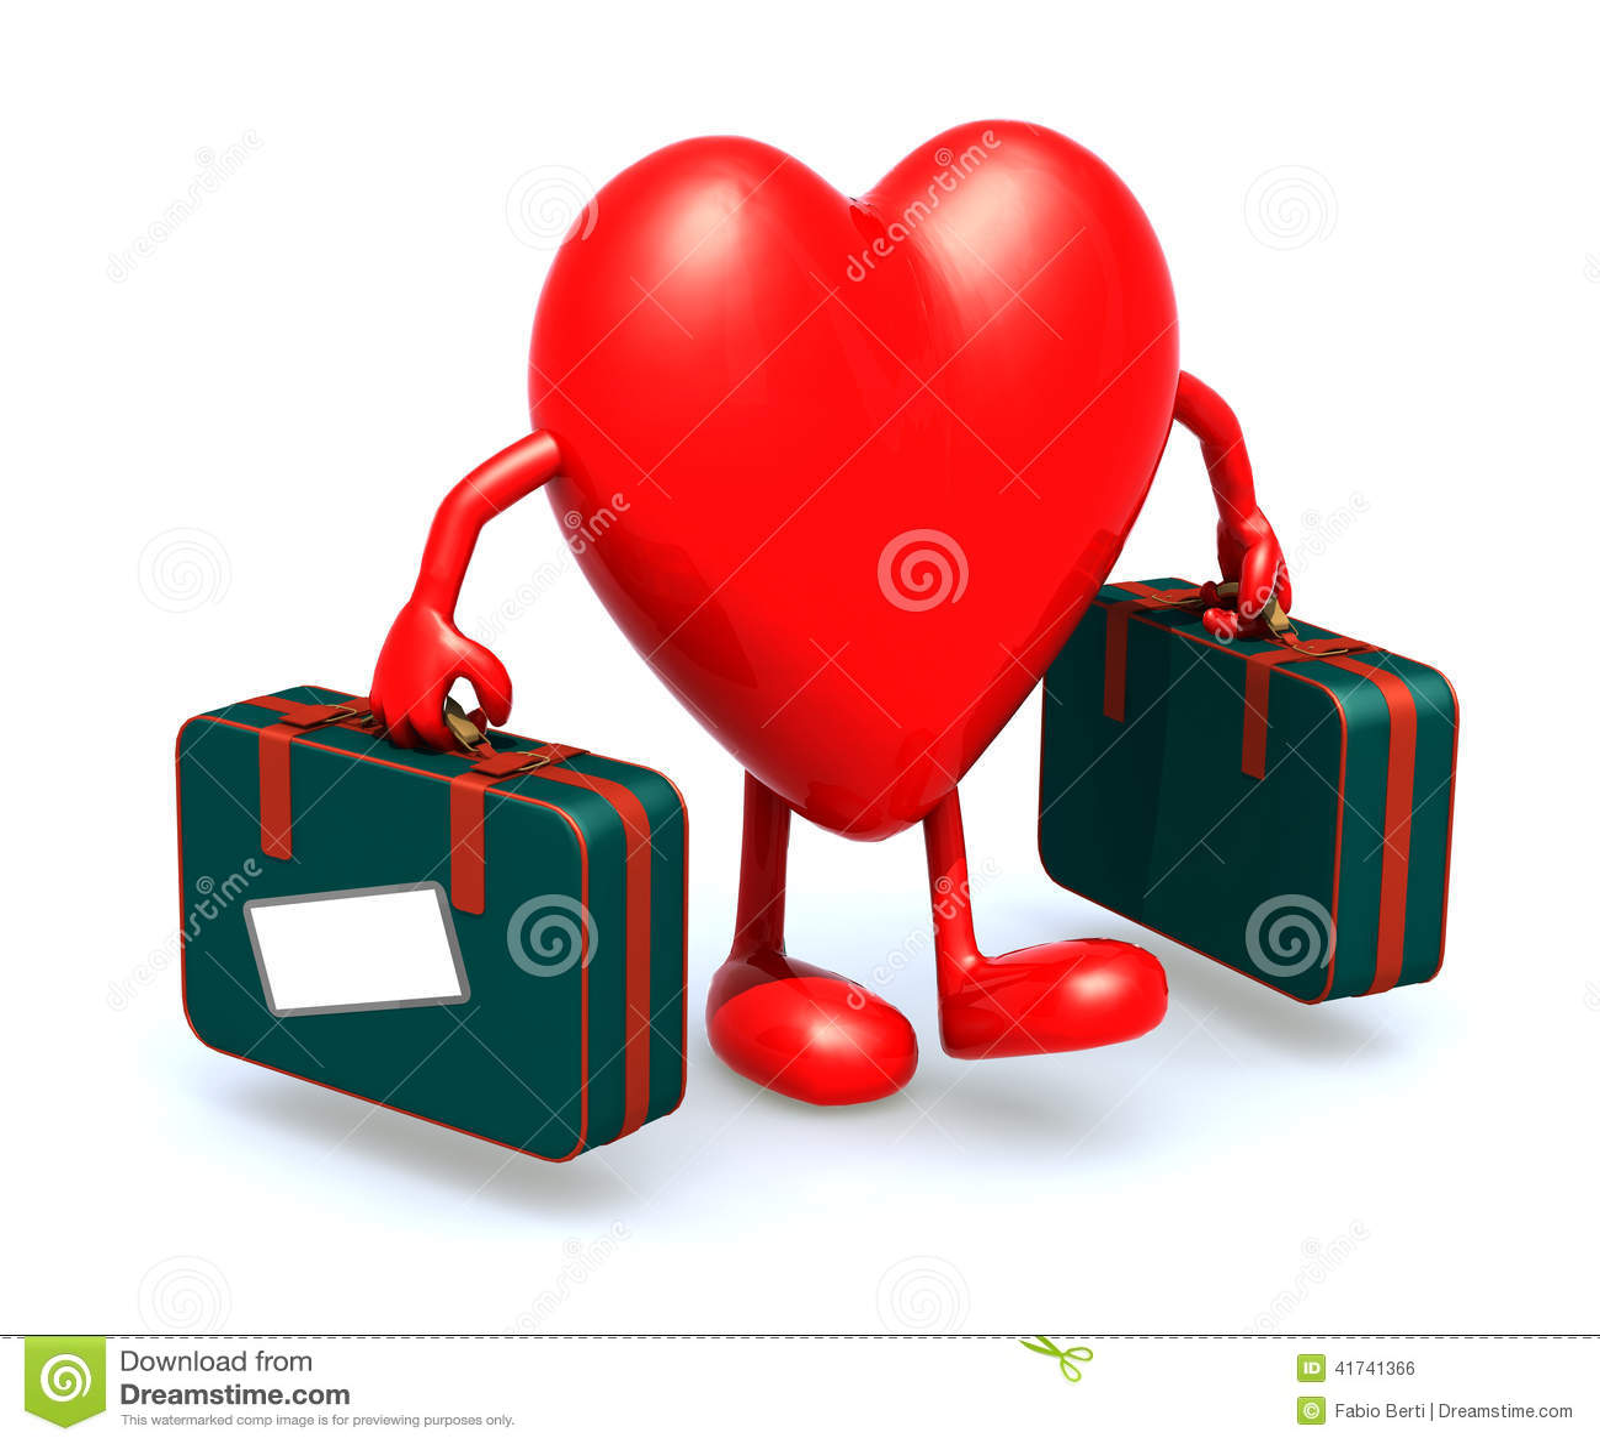 corazon en la maleta letra